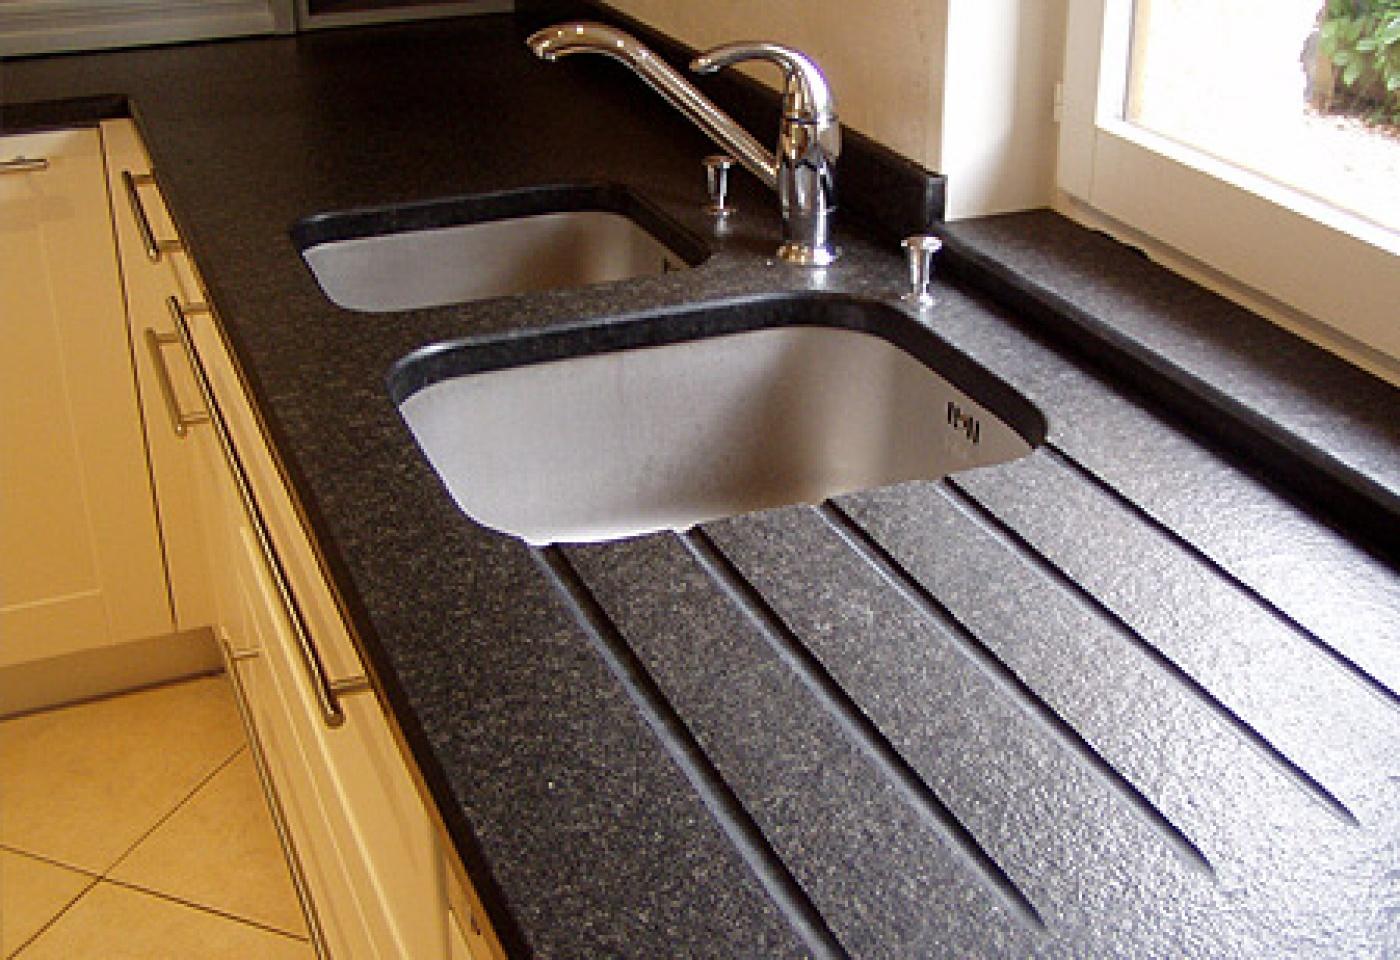 Granit Plan de travail en Granit Noir Zimbabwé flammé brossé. Pose de cuisine au Beausset (Var)